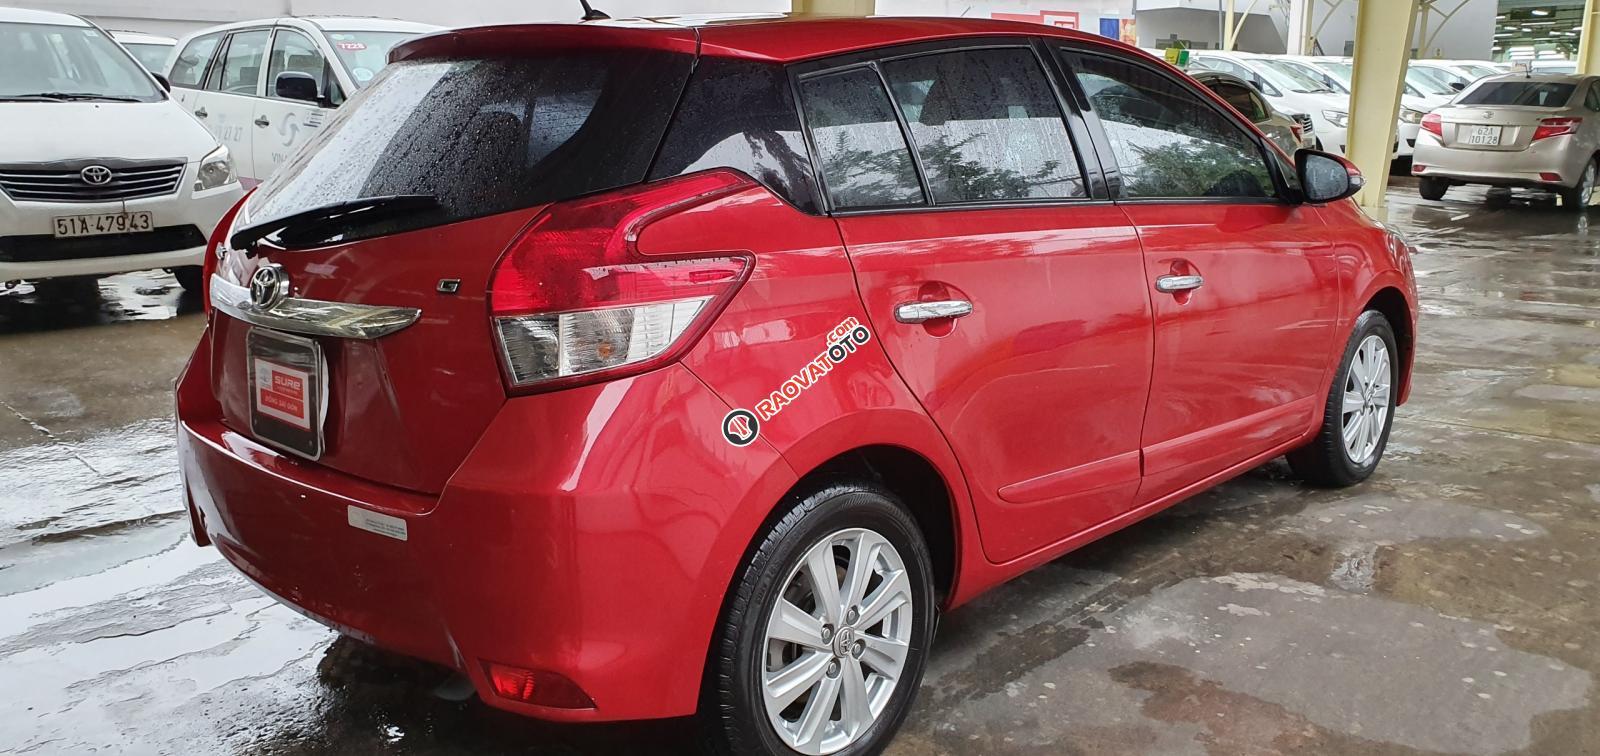 Bán Toyota Yaris nhập Thái Lan đời 2014, liên hệ giá thương lượng-3